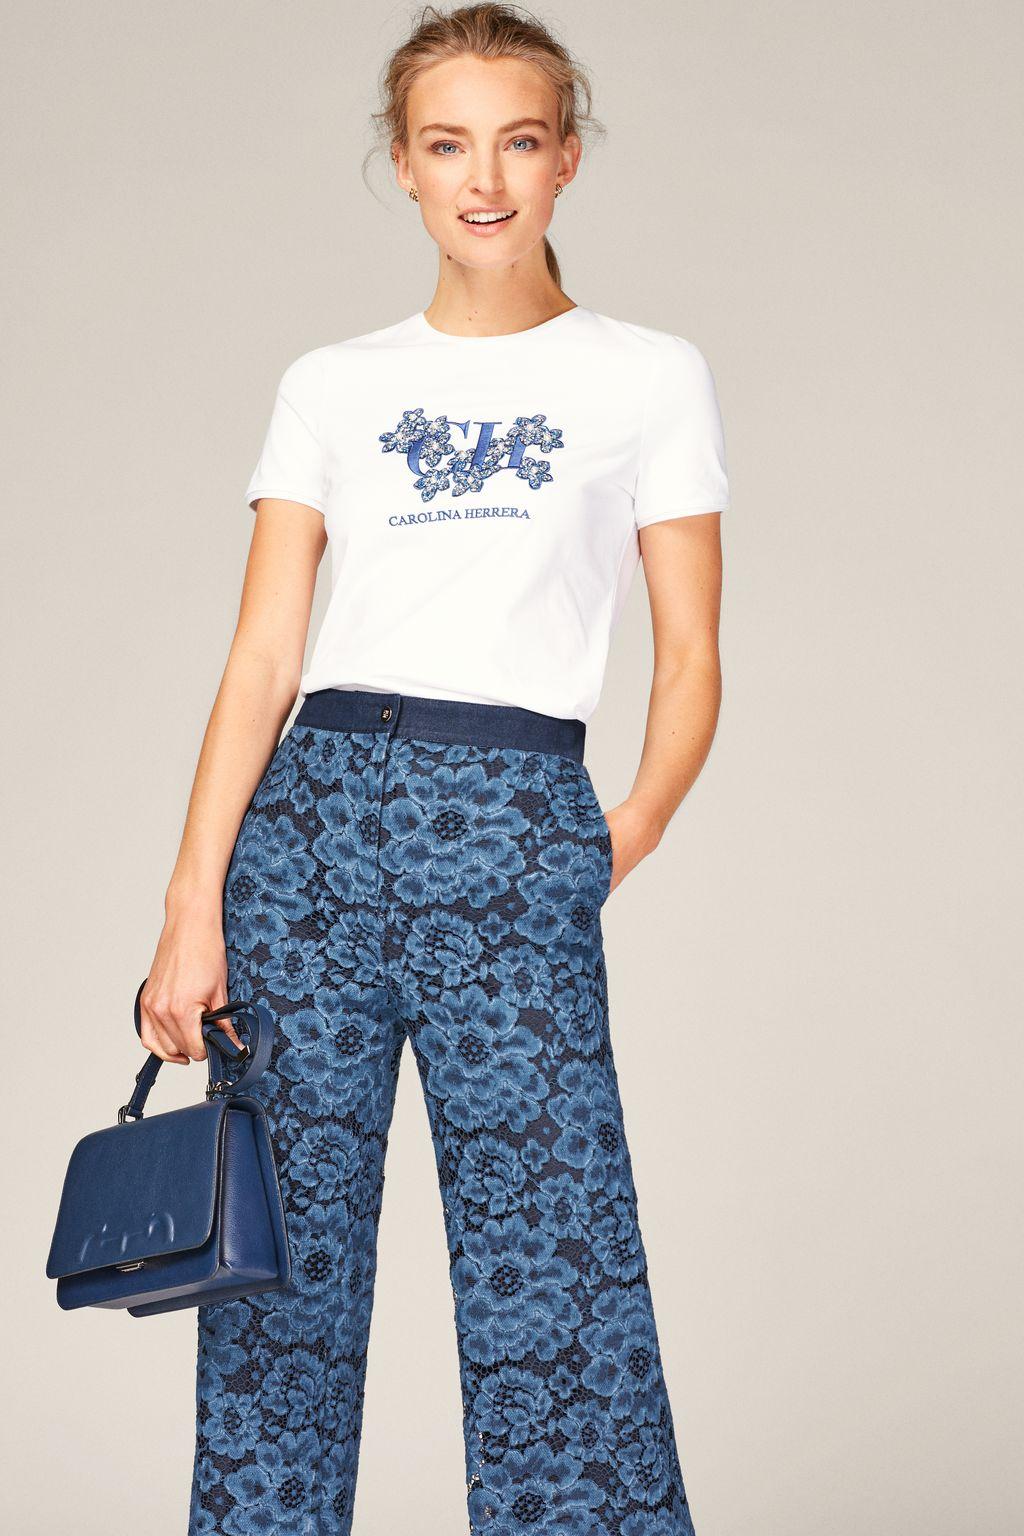 CH Jasmine cotton t-shirt